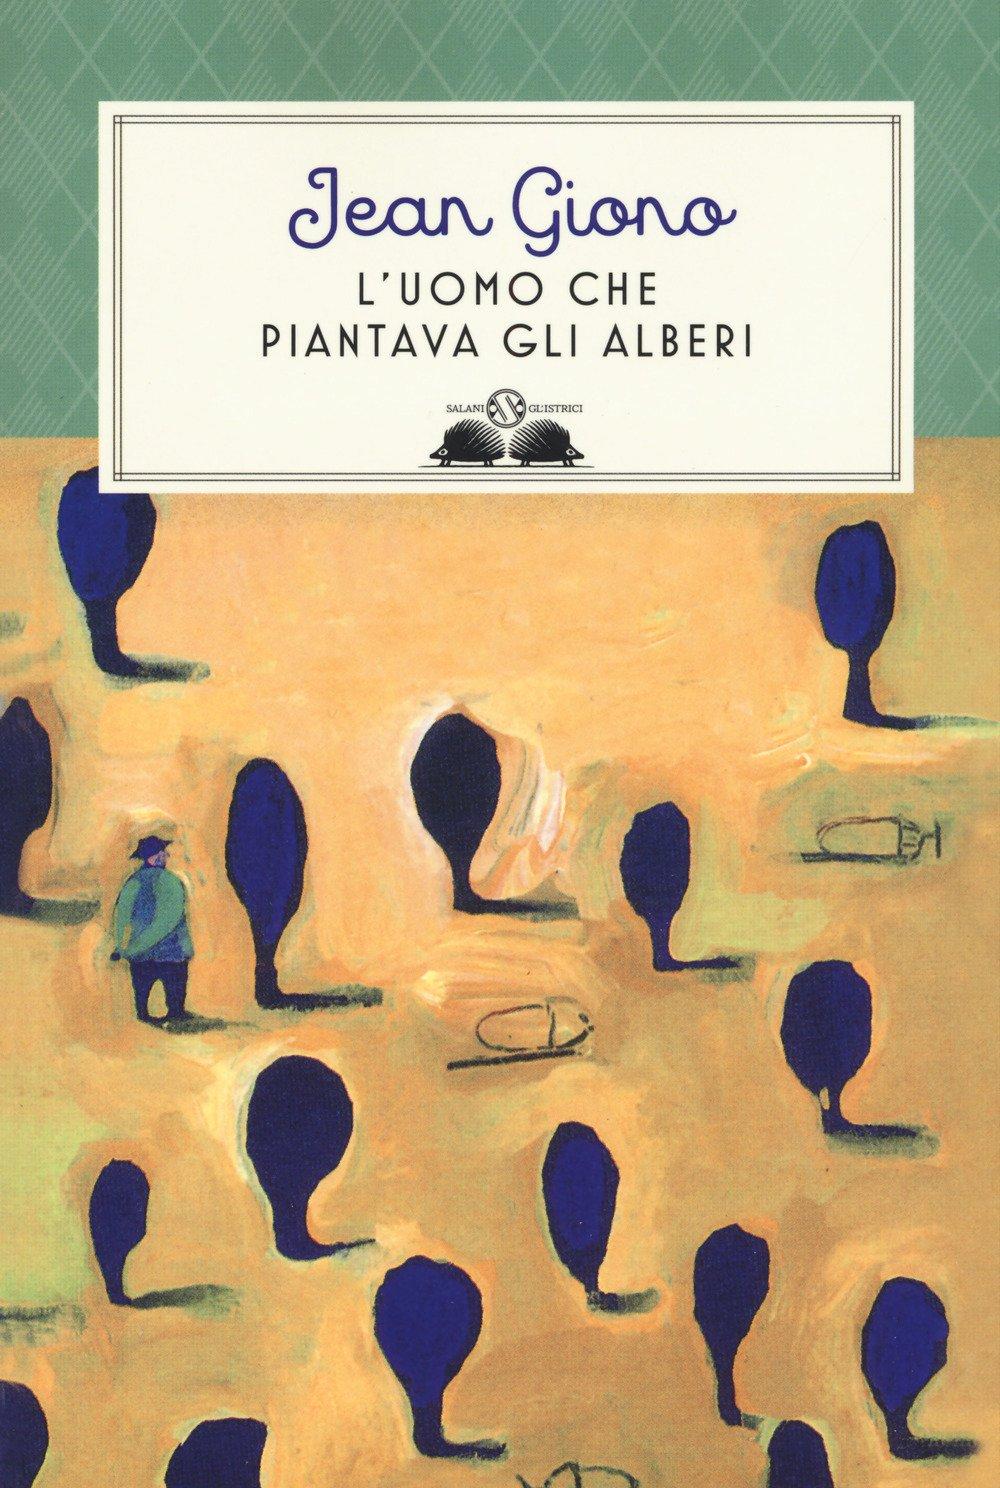 Il capolavoro di Jean Giono, una parabola sul rapporto uomo-natura, in un'edizione da collezione con illustrazioni a colori di Ioëlle Jolivet e due pop-up che restituiscono in tre dimensioni il paesaggi del racconto, prima e dopo la meravigliosa trasformazione. Età di lettura: da 4 anni